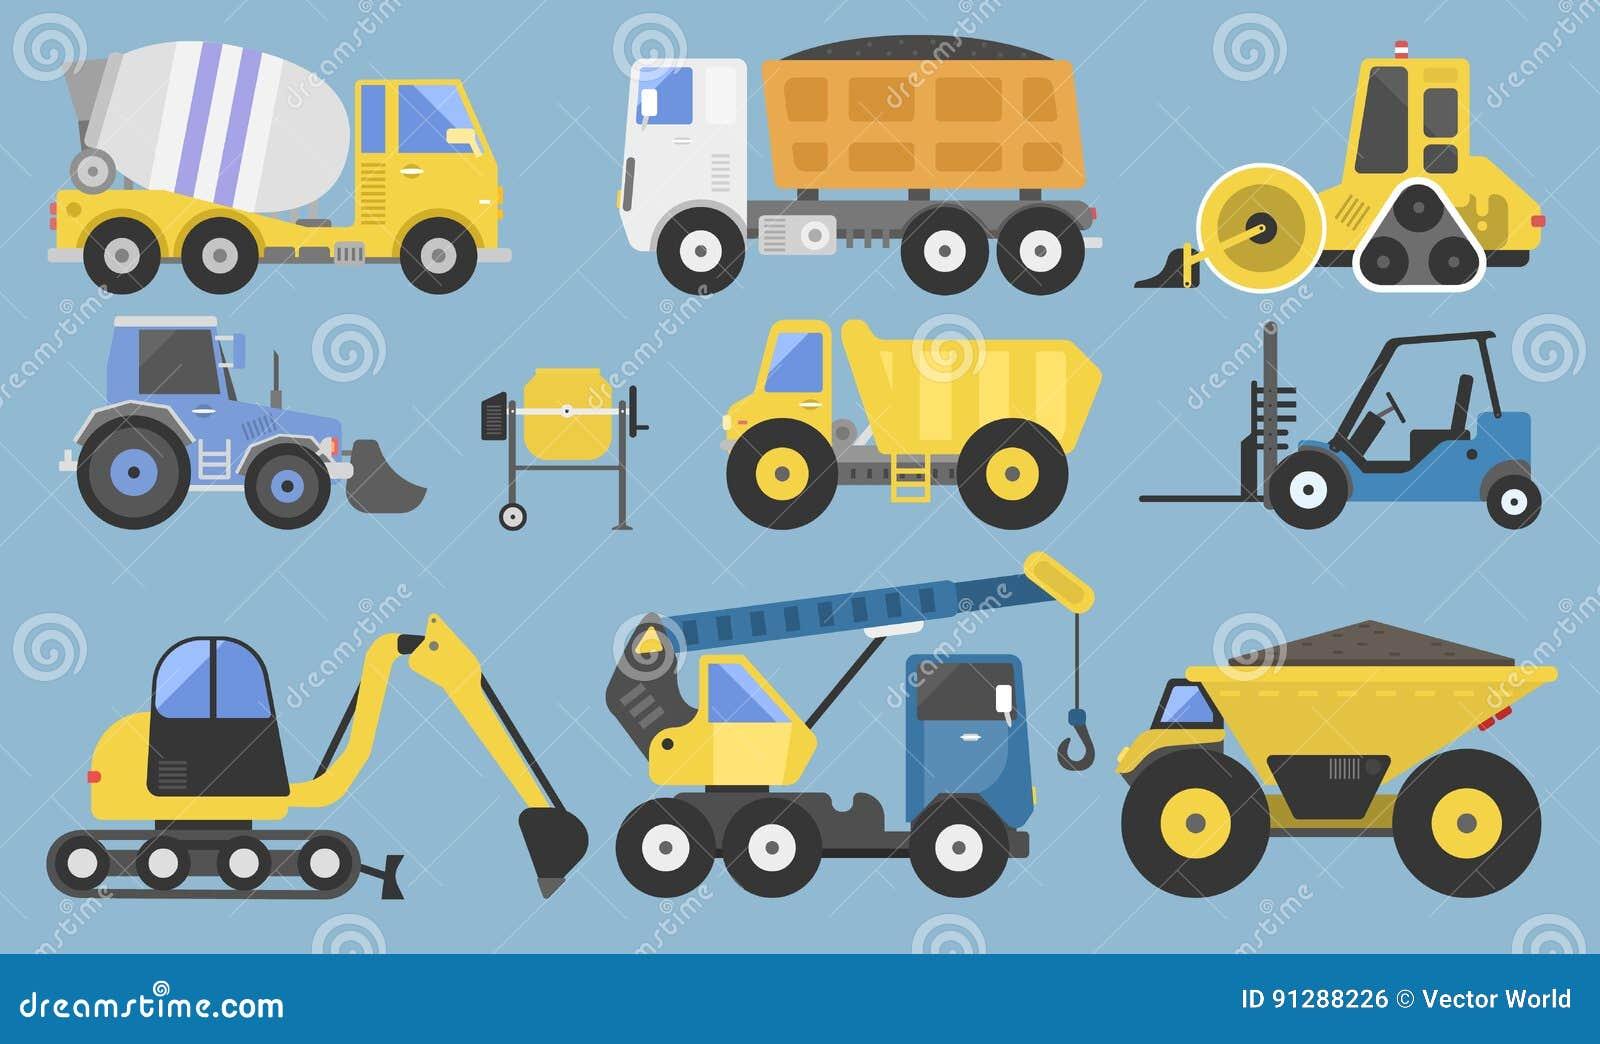 Εξοπλισμός και μηχανήματα κατασκευής με φορτηγών γερανών διανυσματική απεικόνιση μεταφορών εκσακαφέων την επίπεδη κίτρινη